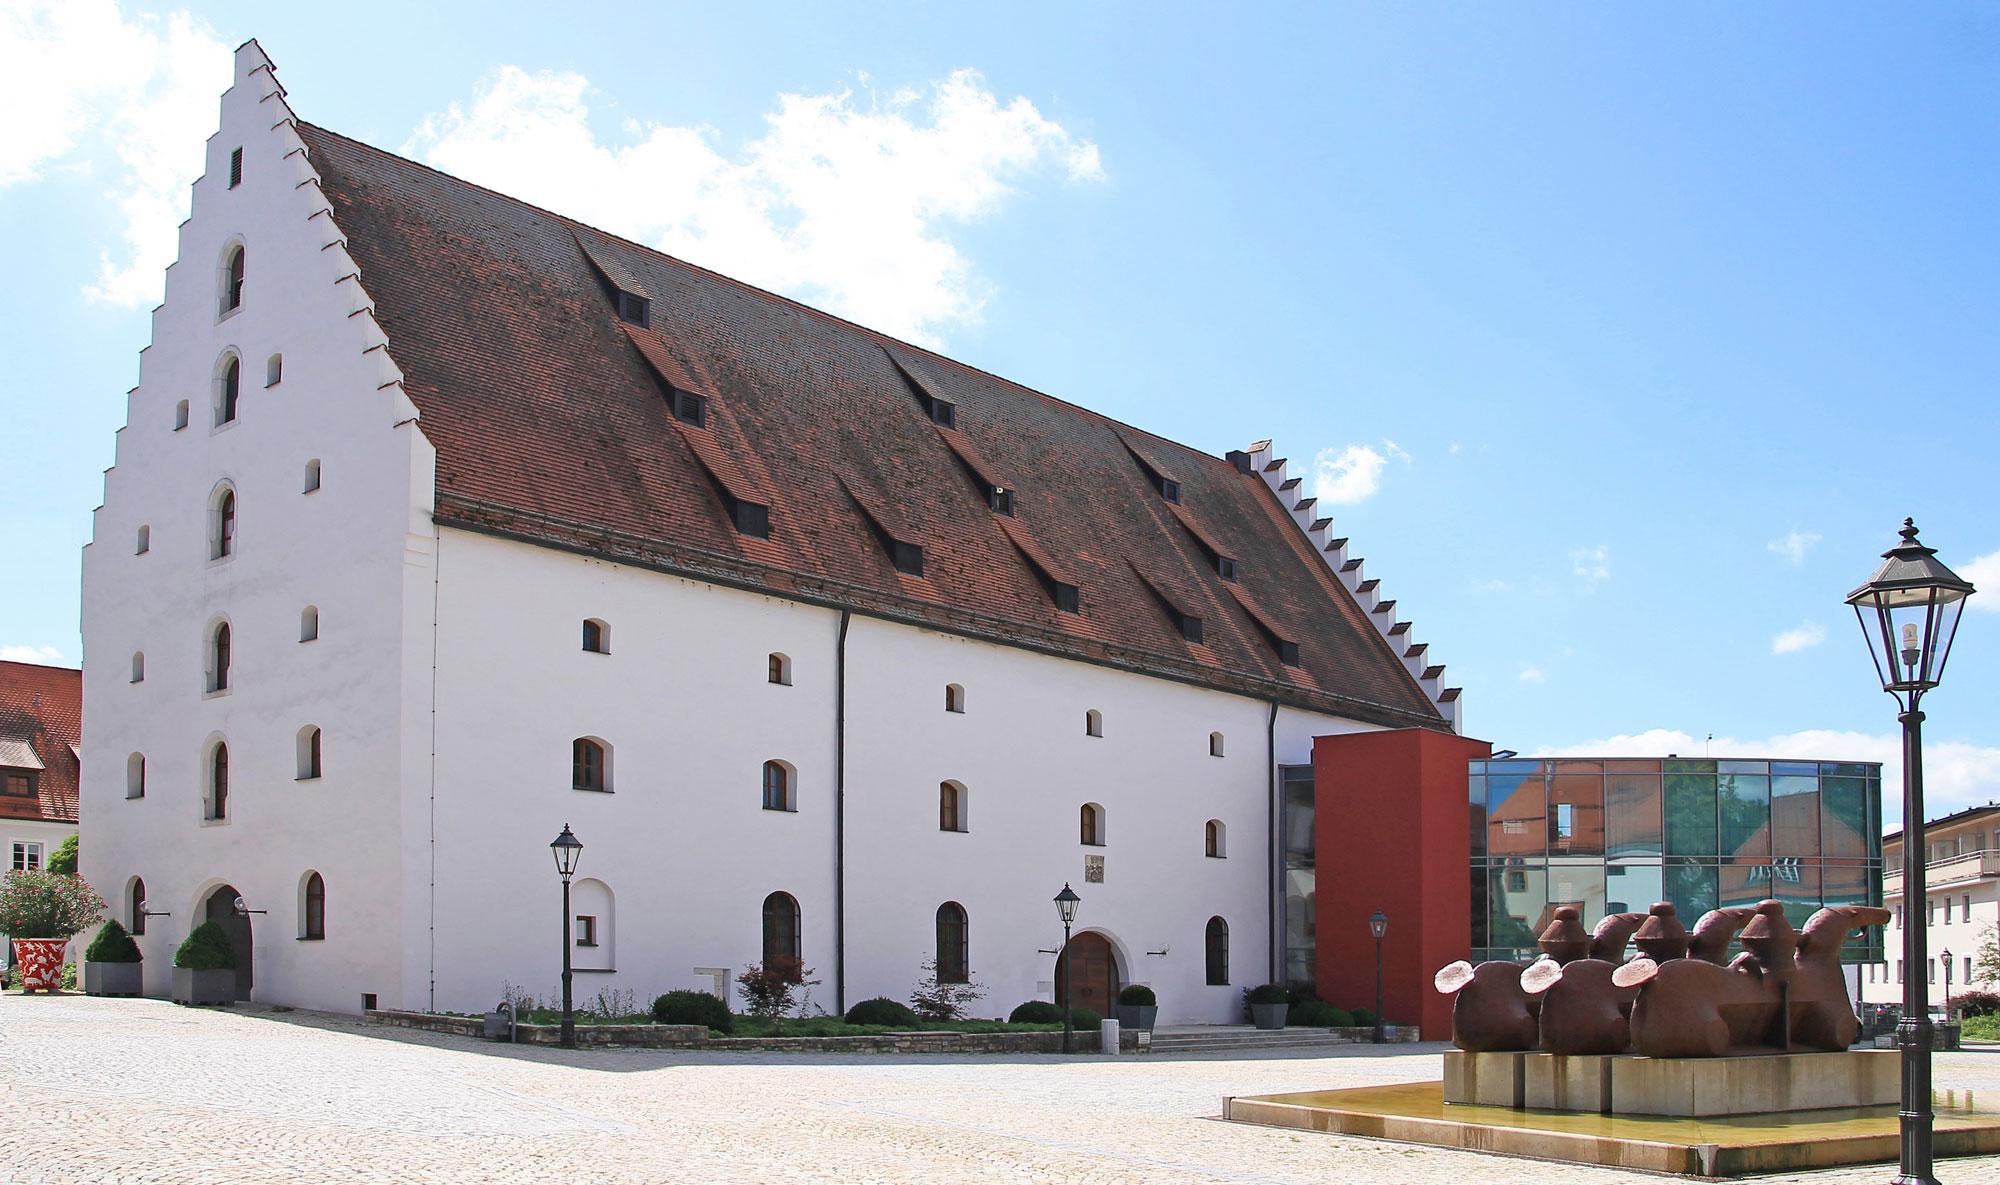 Der Neumarkter Reistadel ist heute ein weltweit bekanntes Konzert- und Kulturhaus.